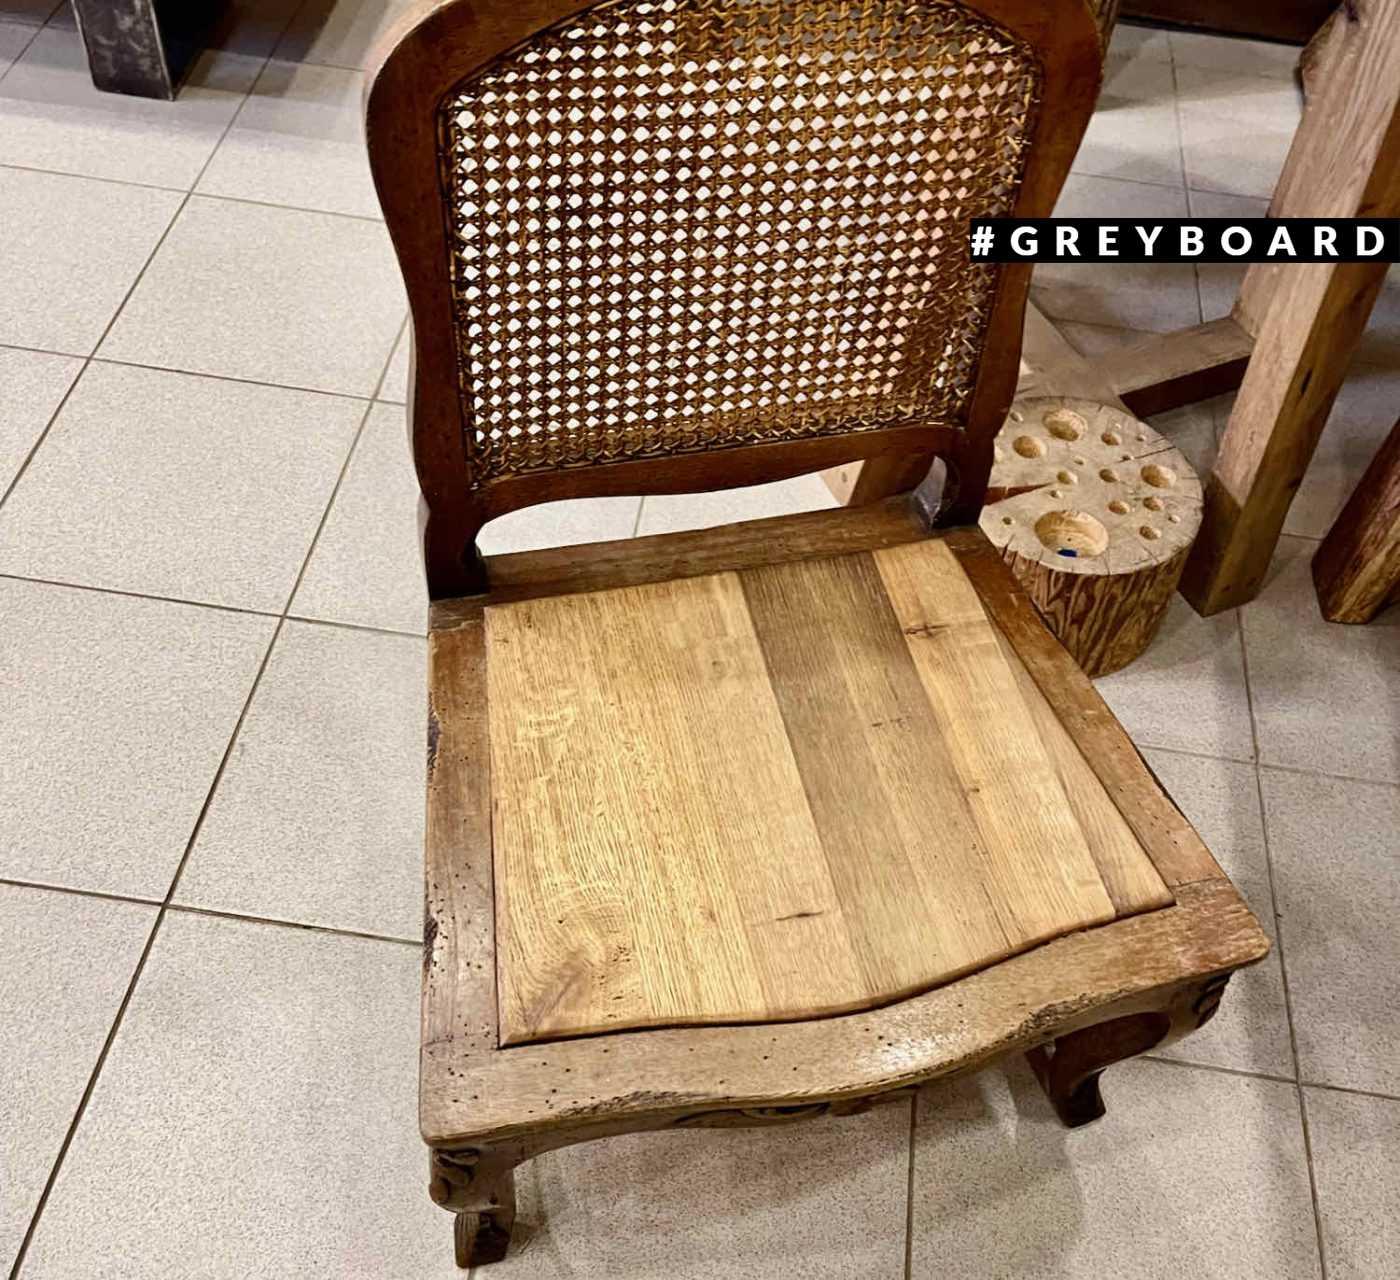 Сидение из амабрной доски для антикварного стула